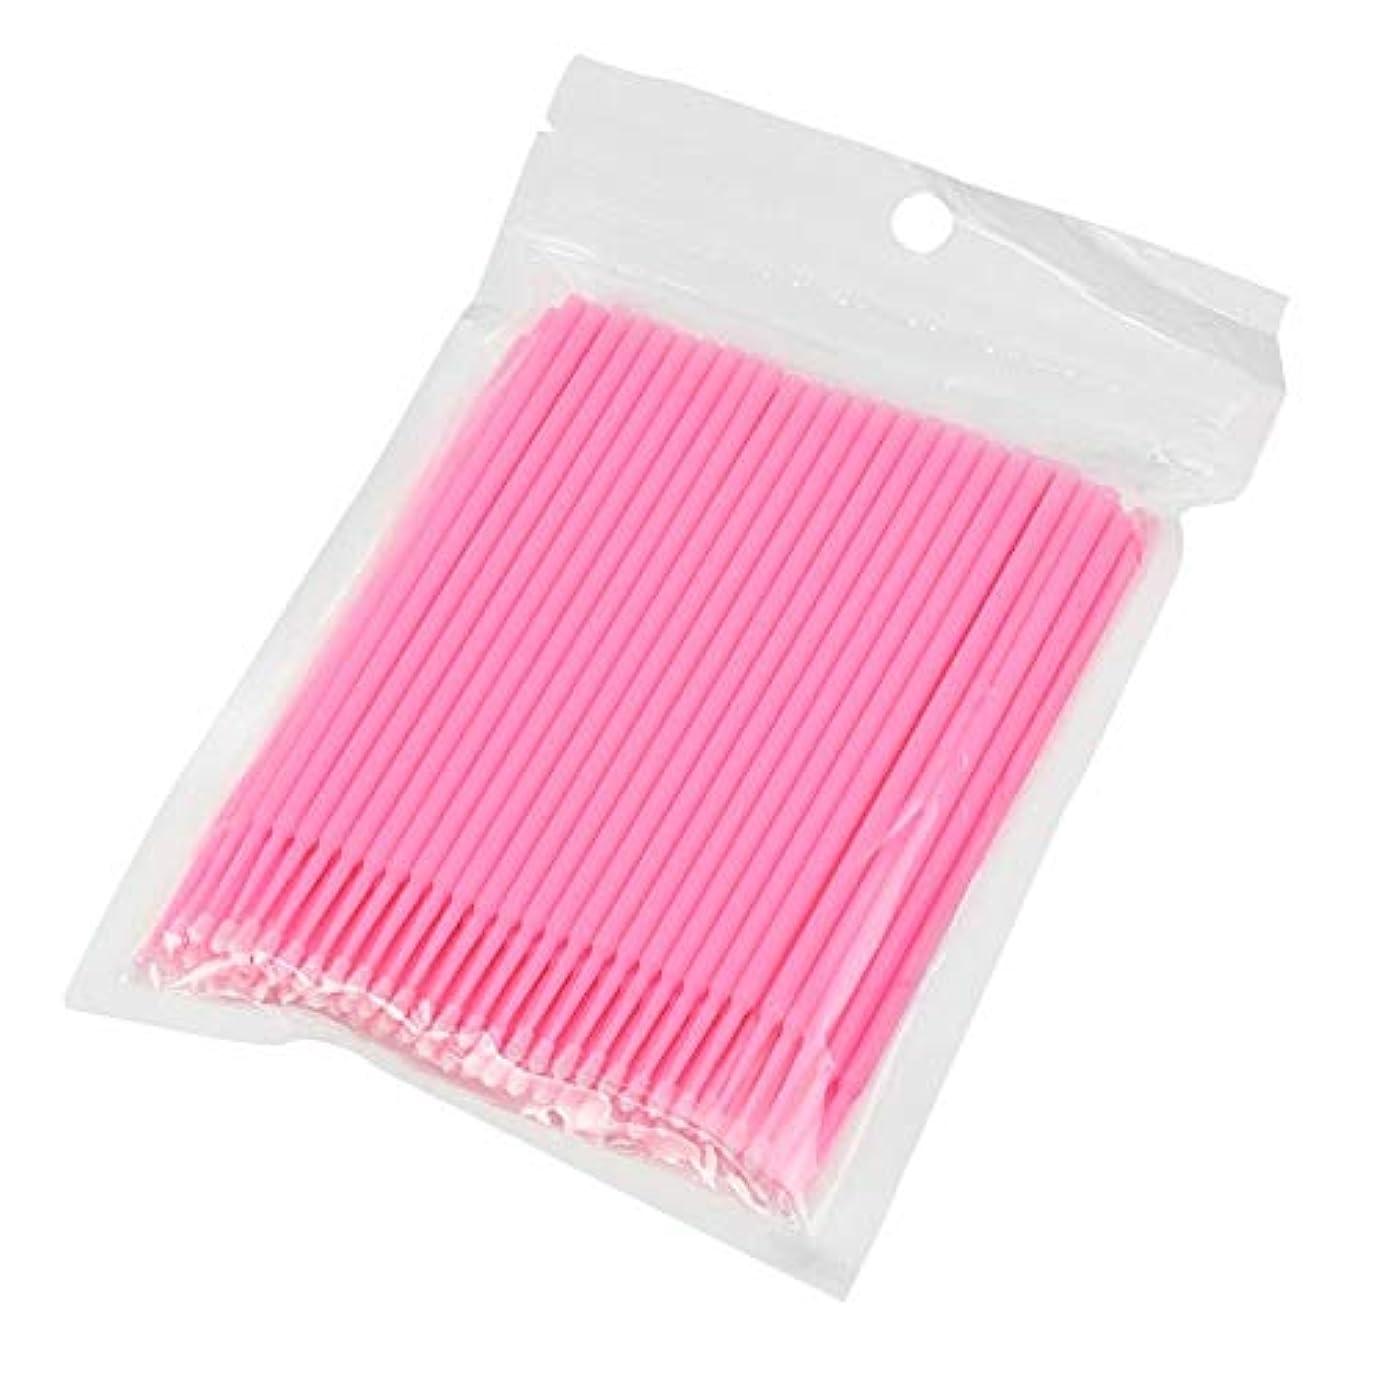 勃起路面電車パレード100ピース使い捨てマイクロブラシ綿棒アプリケーターチューブ用まつげエクステンション接着剤除去まつ毛グラフトツール(Color:Pink)